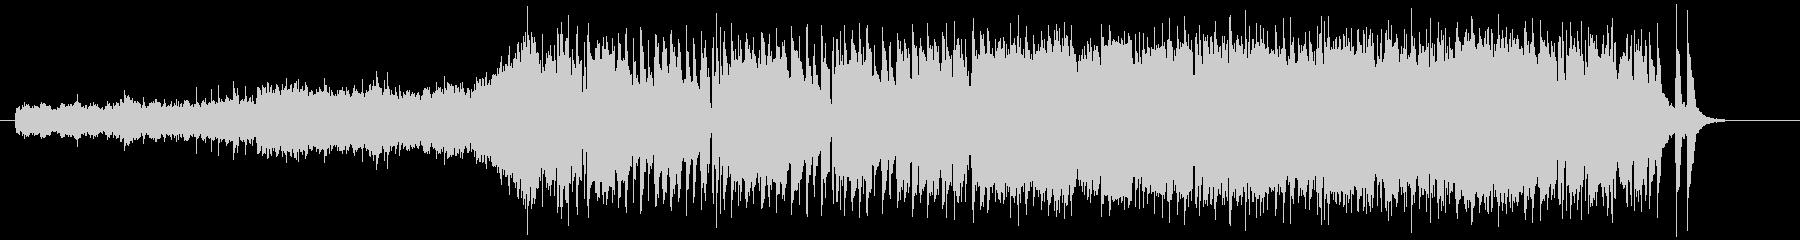 エレキギターのリフが印象的なジングル曲の未再生の波形